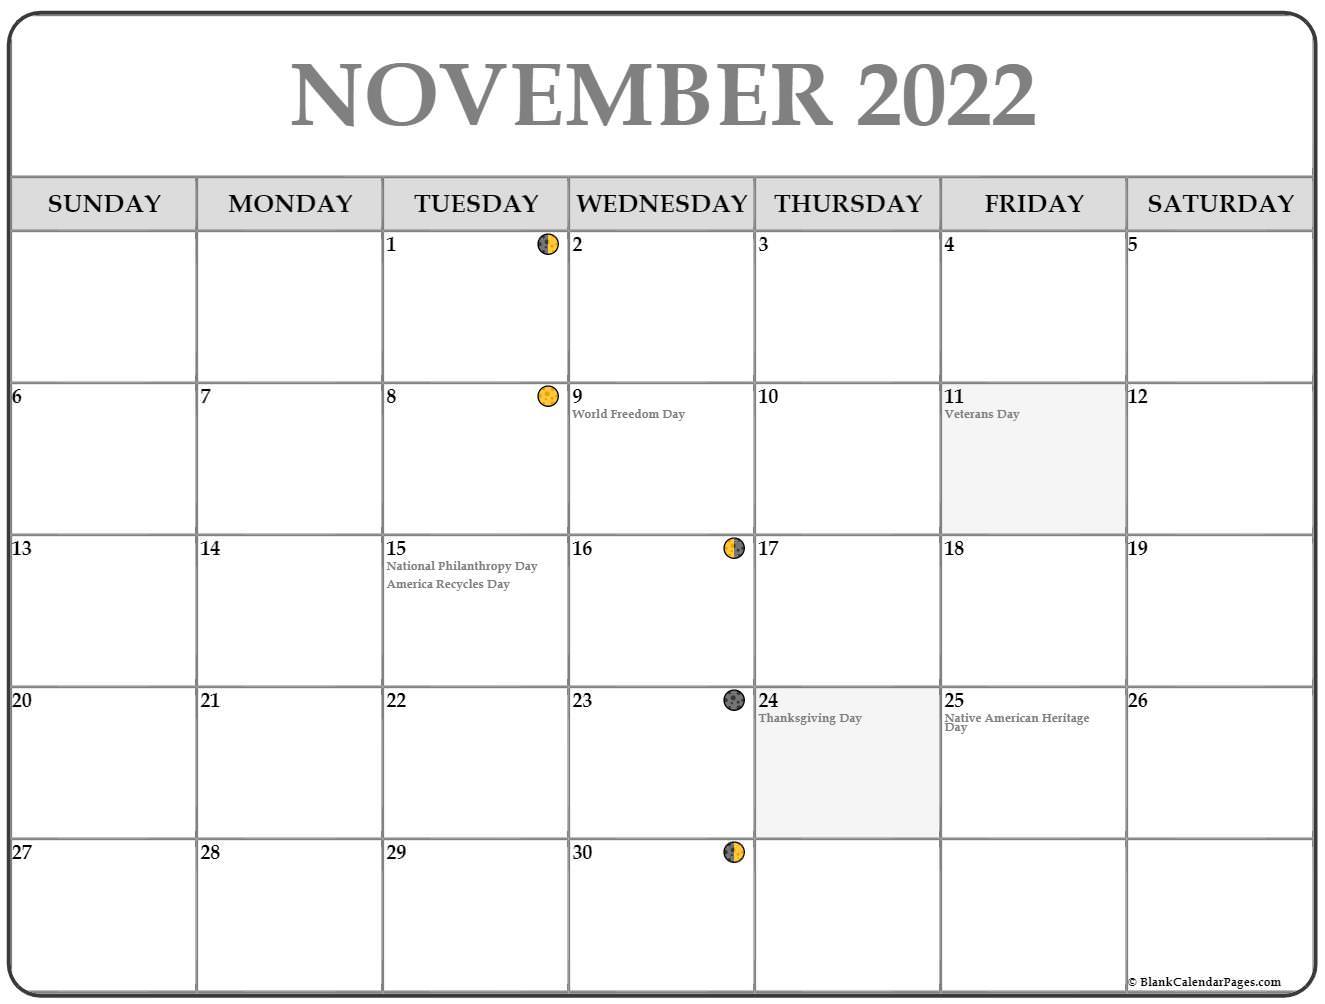 Moon Calendar November 2022.U1zgktcjk11xem